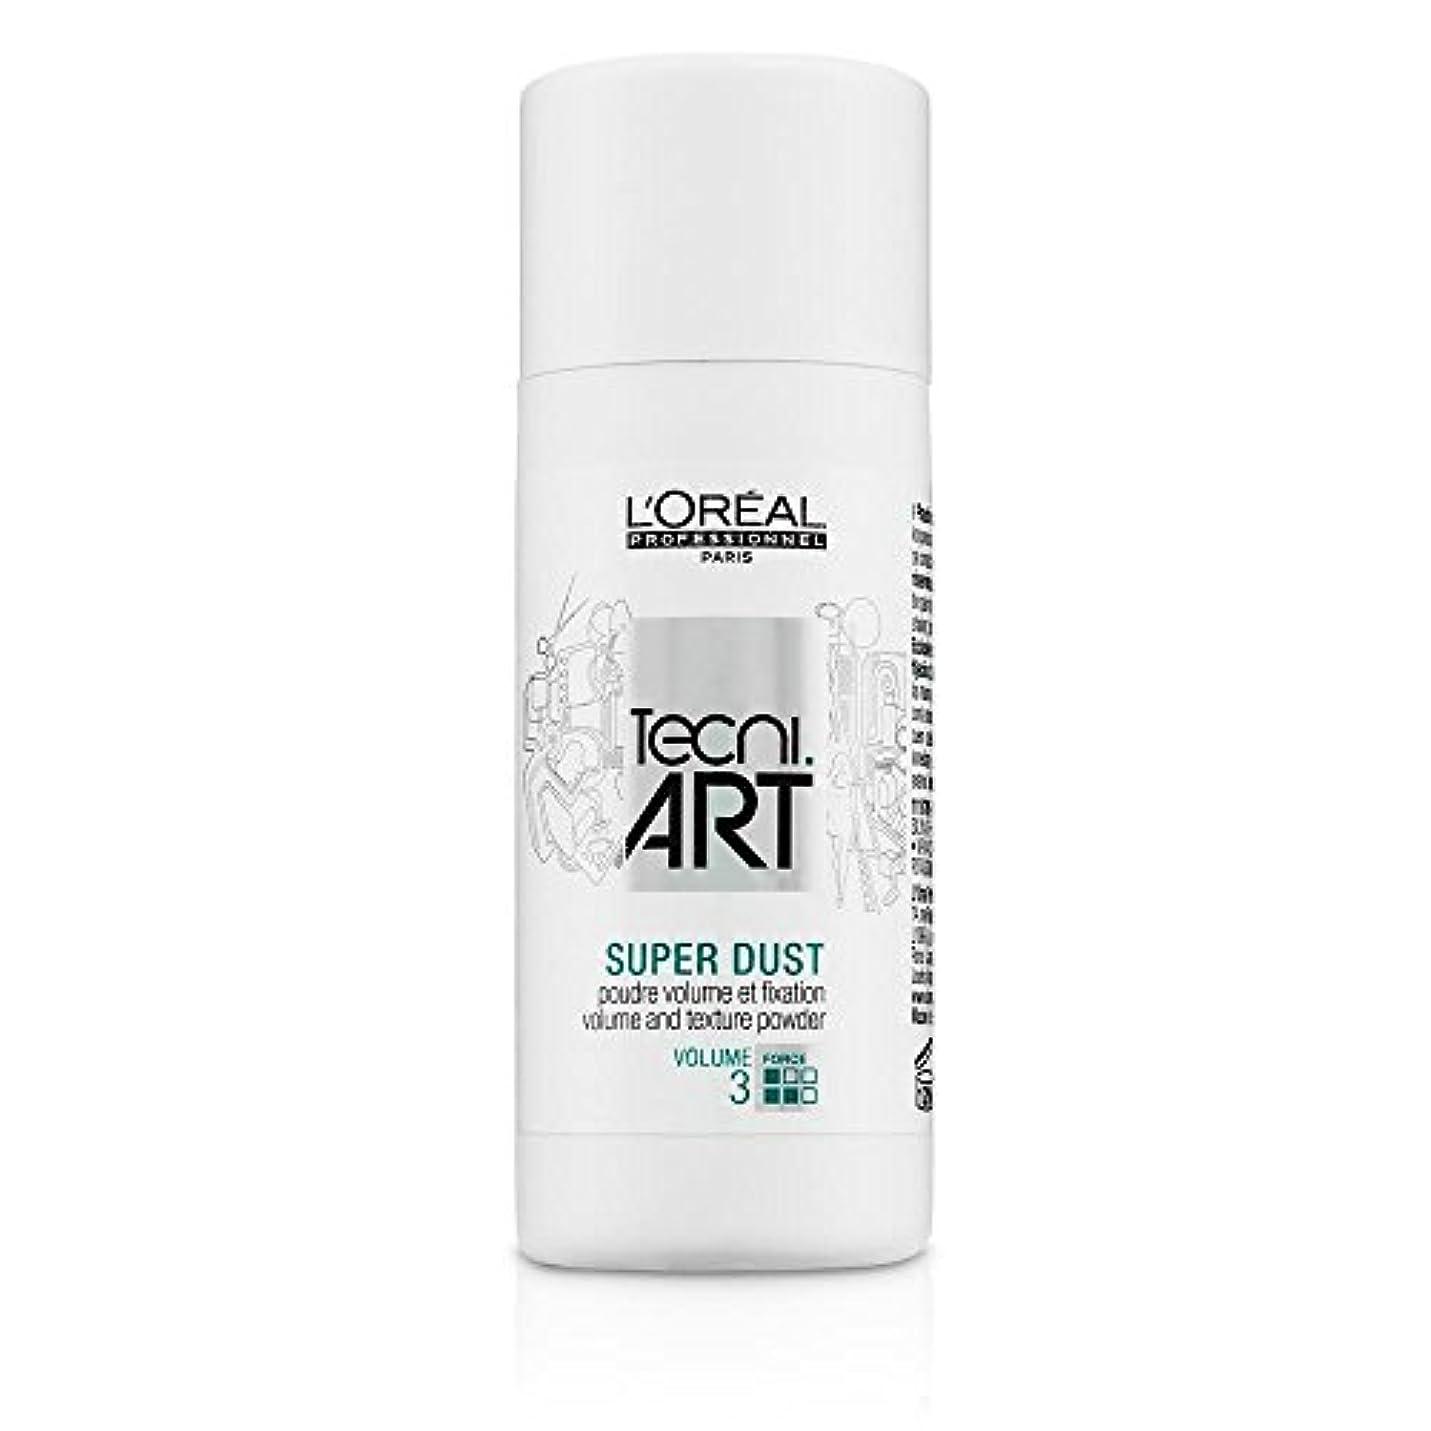 独立して暗唱する食料品店L'Oreal Tecni Art Super Dust - Volume And Texture Powder 7g [並行輸入品]